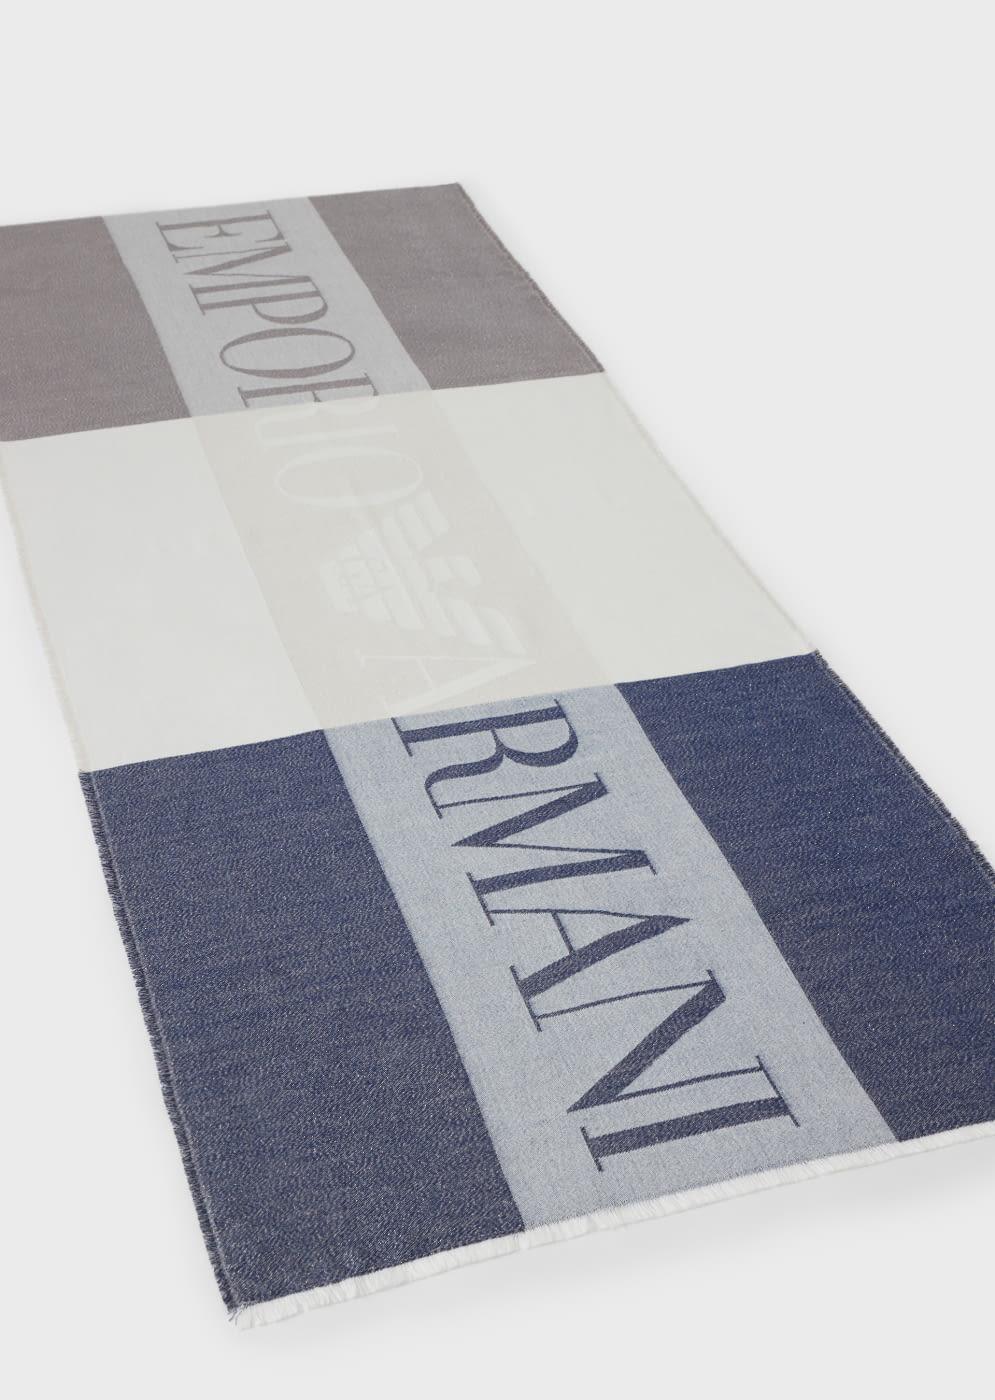 EMPORIO ARMANI foulard logotipo en azul, beige y  marrón